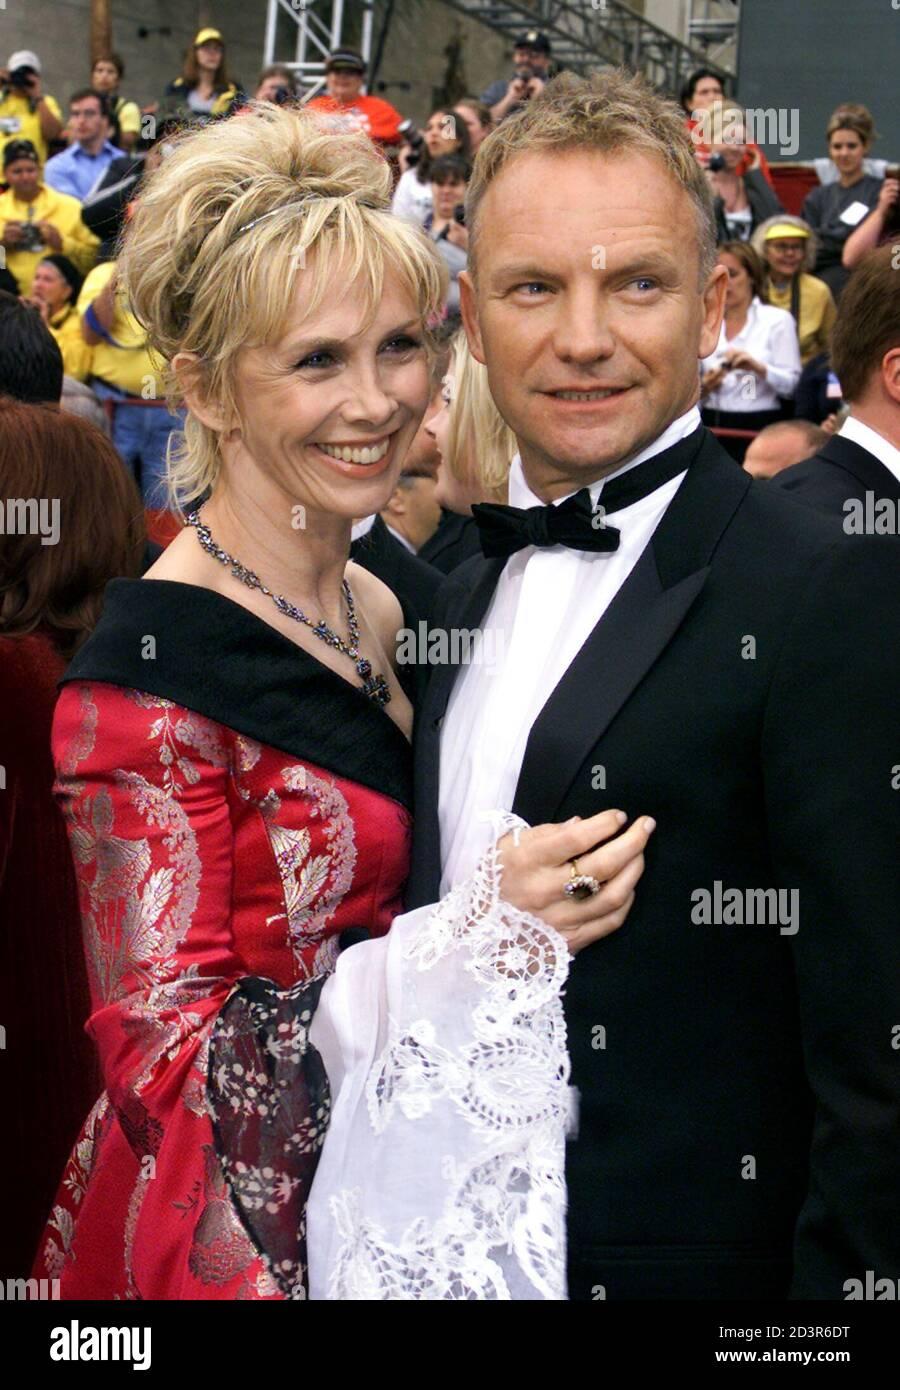 """Musiker Sting, nominiert für den besten Song für """"Bis"""" aus dem Film """"Kate & Leopold,"""" kommt mit seiner Frau Trudie Styler bei den 74. annual Academy Awards 24. März 2002 in Hollywood. Stockfoto"""